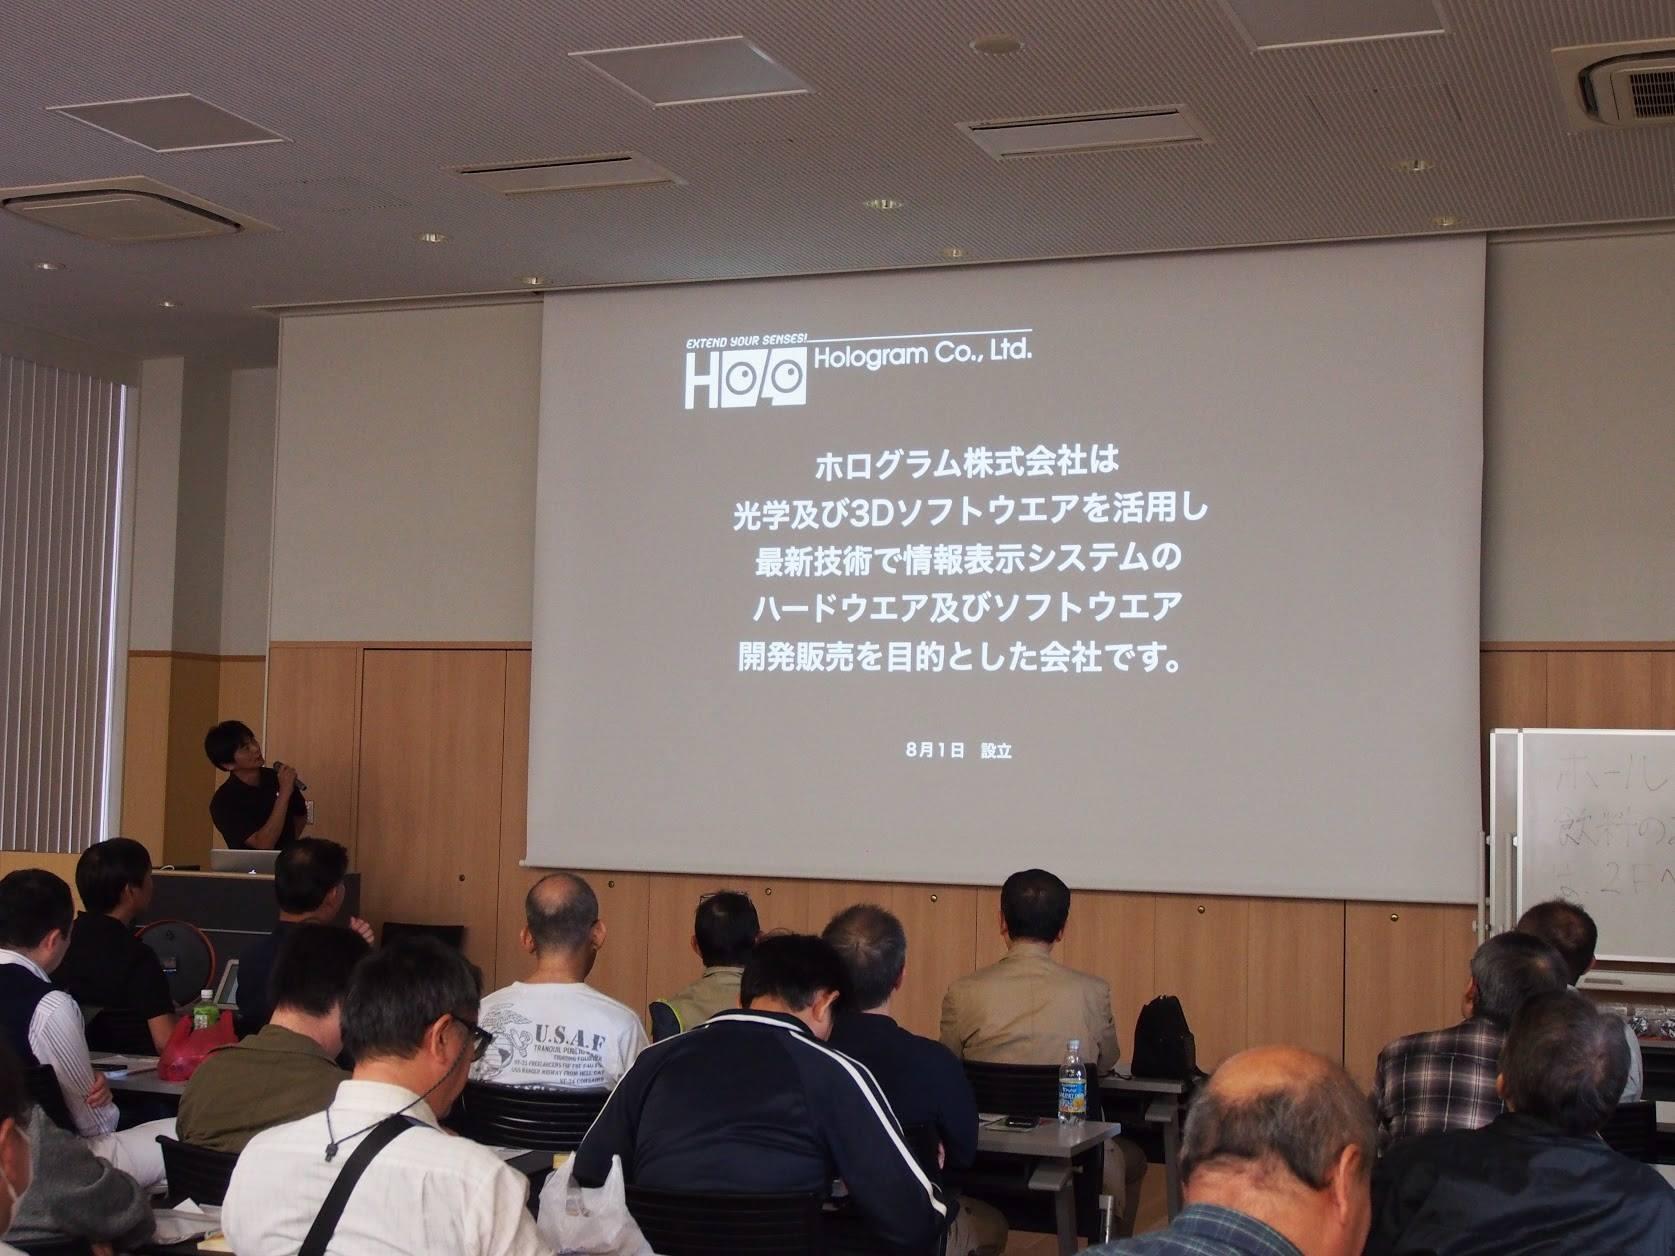 AUGM 大阪 October 2018 に参加致しました。